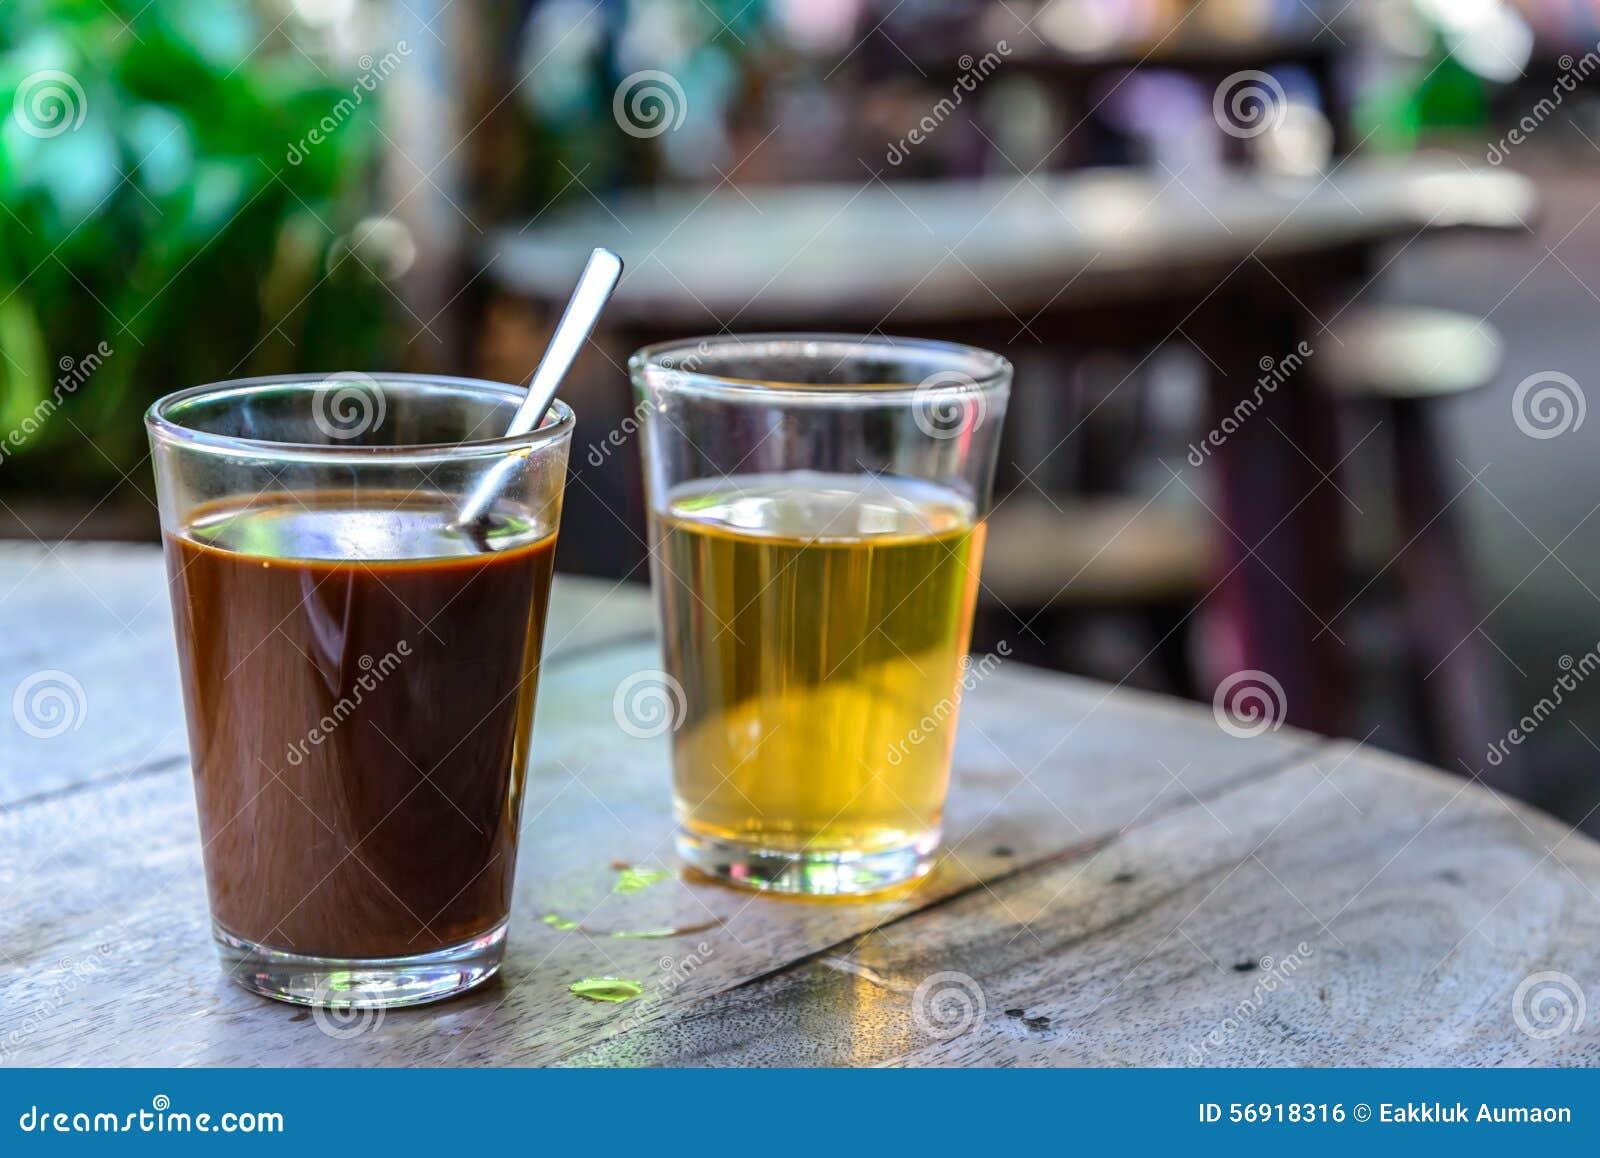 Ταϊλανδικός τοπικός καυτός καφές με το καυτό τσάι στον ξύλινο πίνακα